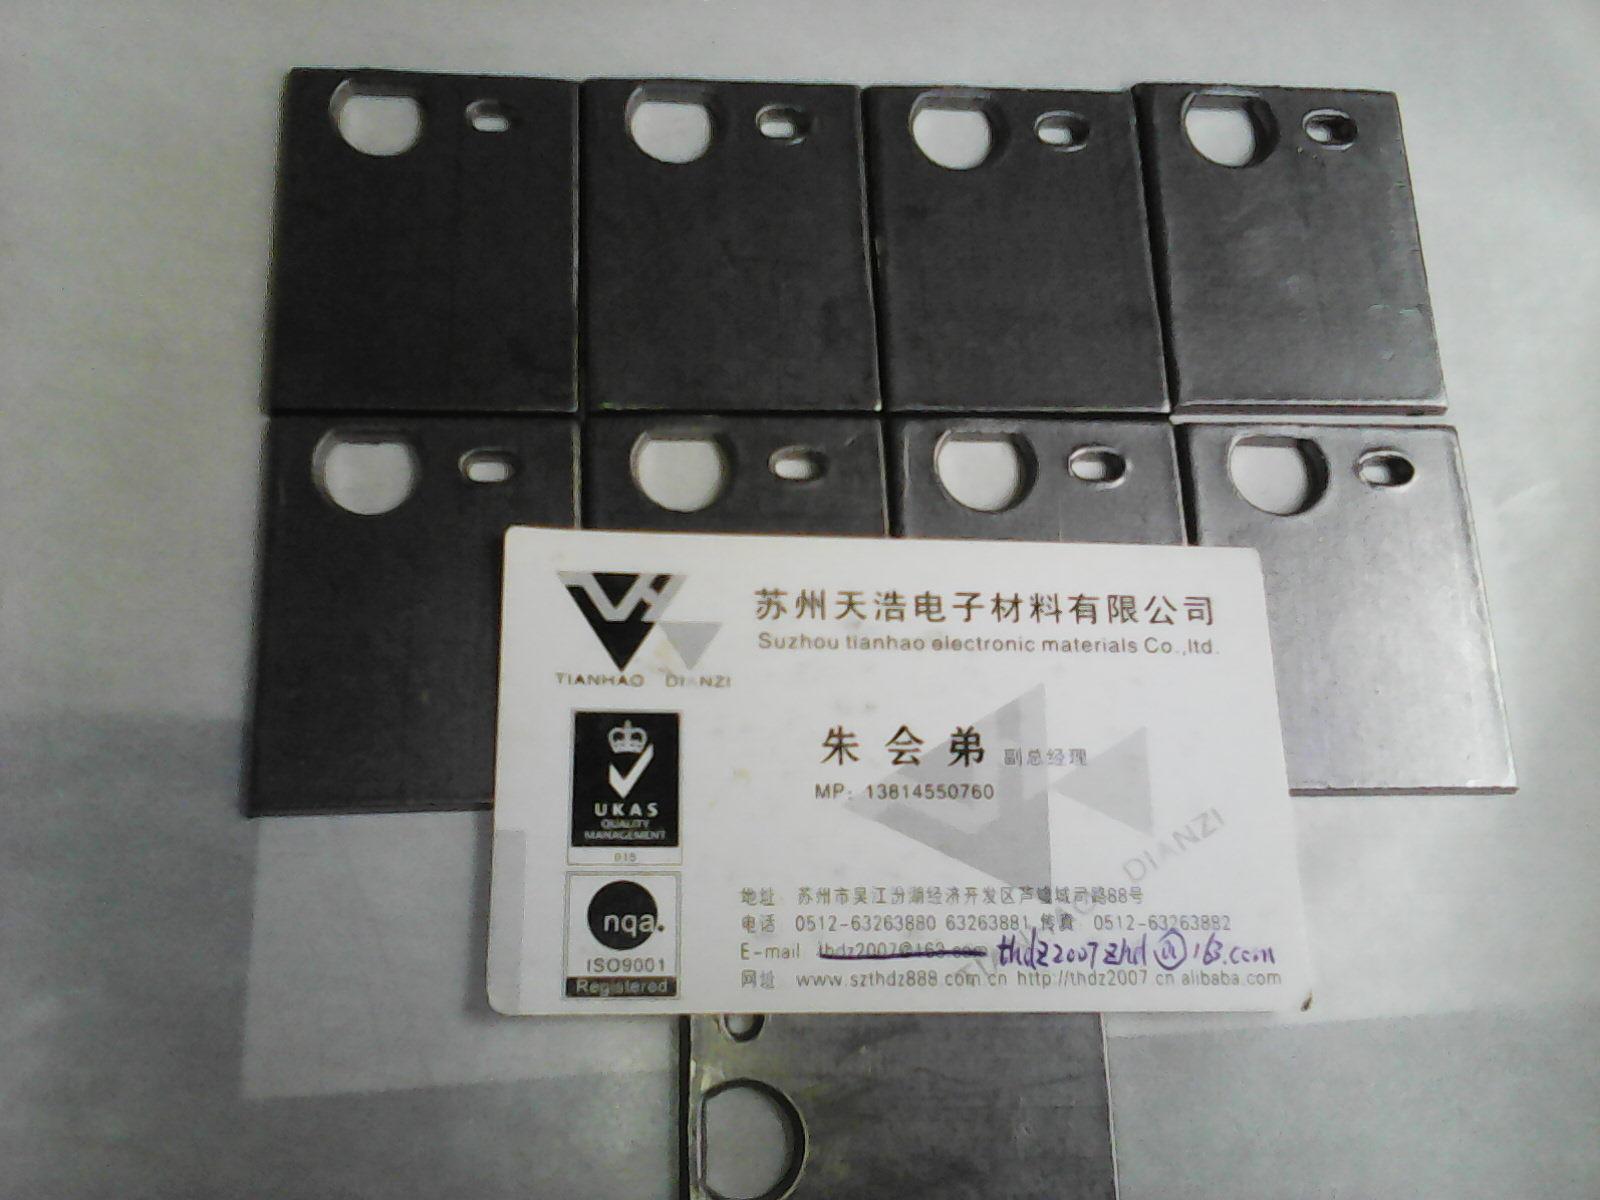 电子电器导热石墨片 石墨垫片 苏州吴雁电子绝缘材料 高温高导散热石墨片